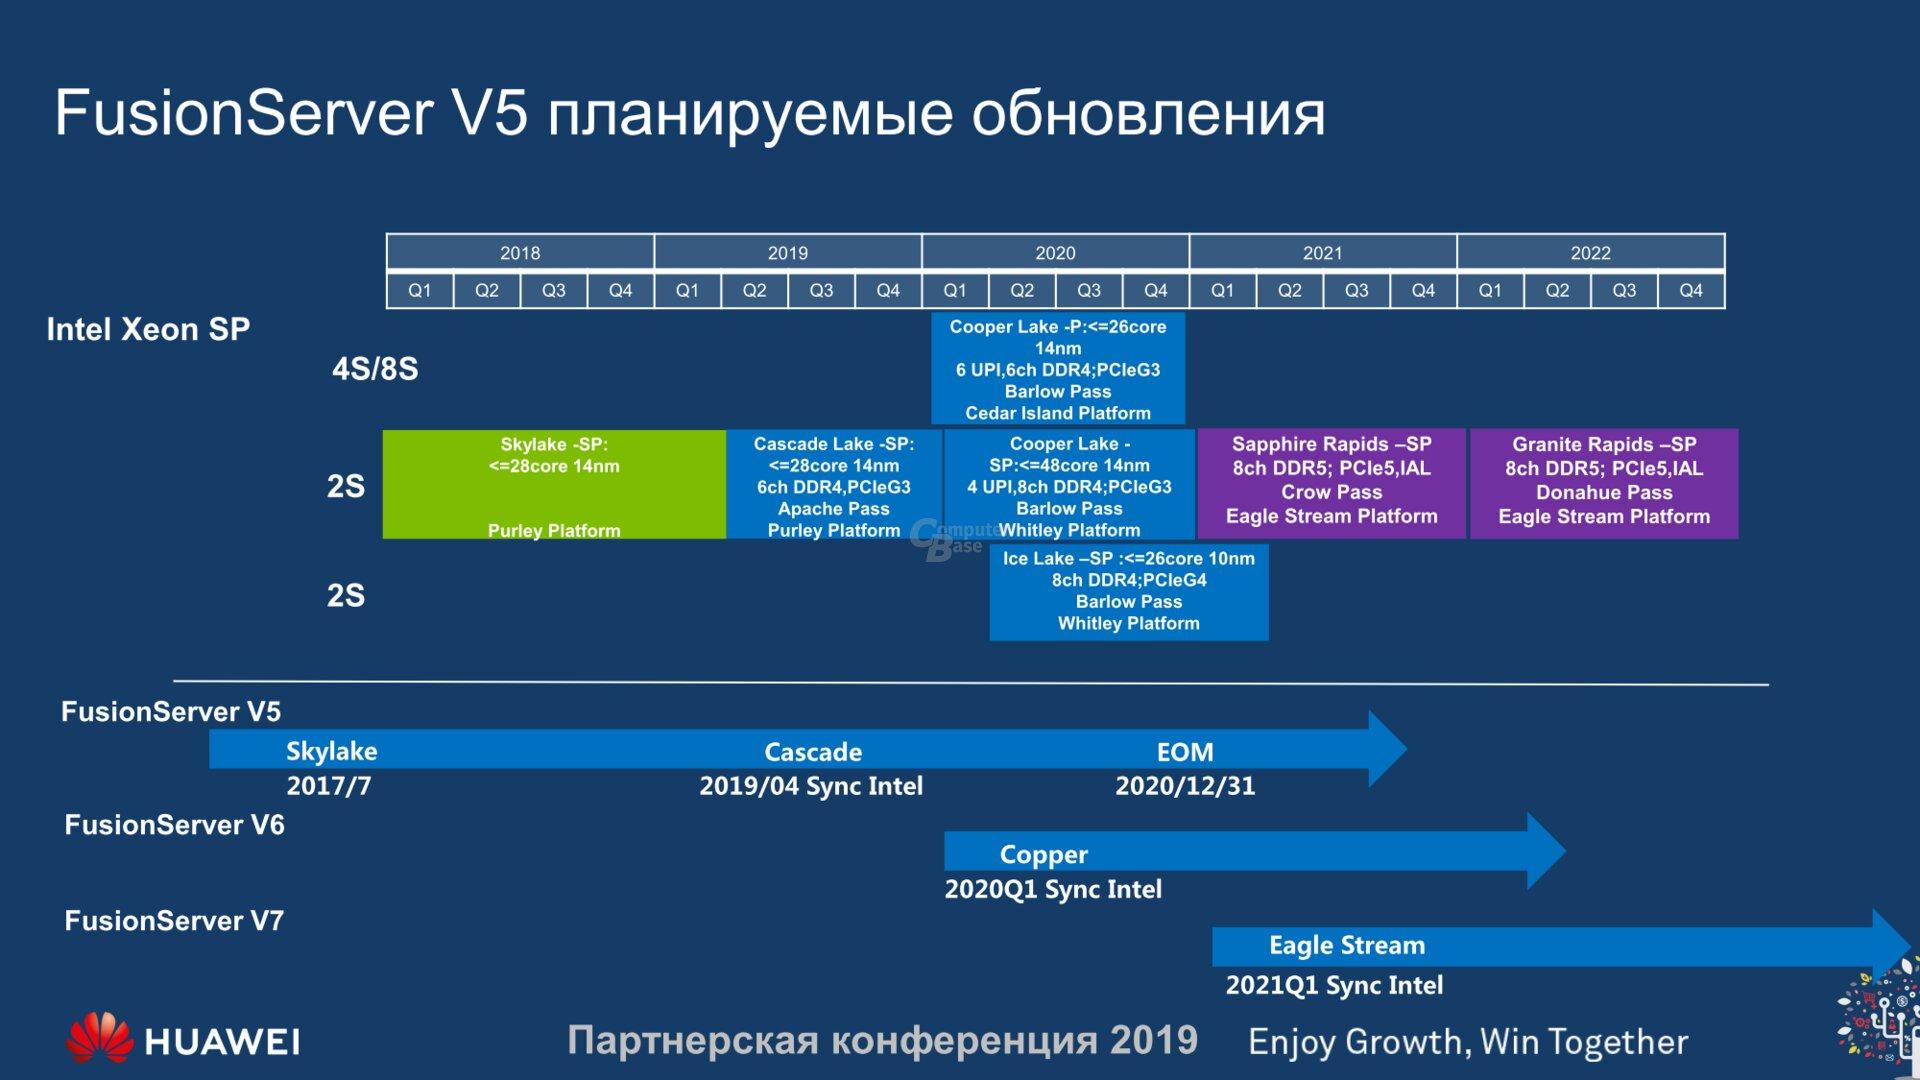 Huawei zeigt Roadmap mit Intel Sapphire Rapids und Granite Rapids